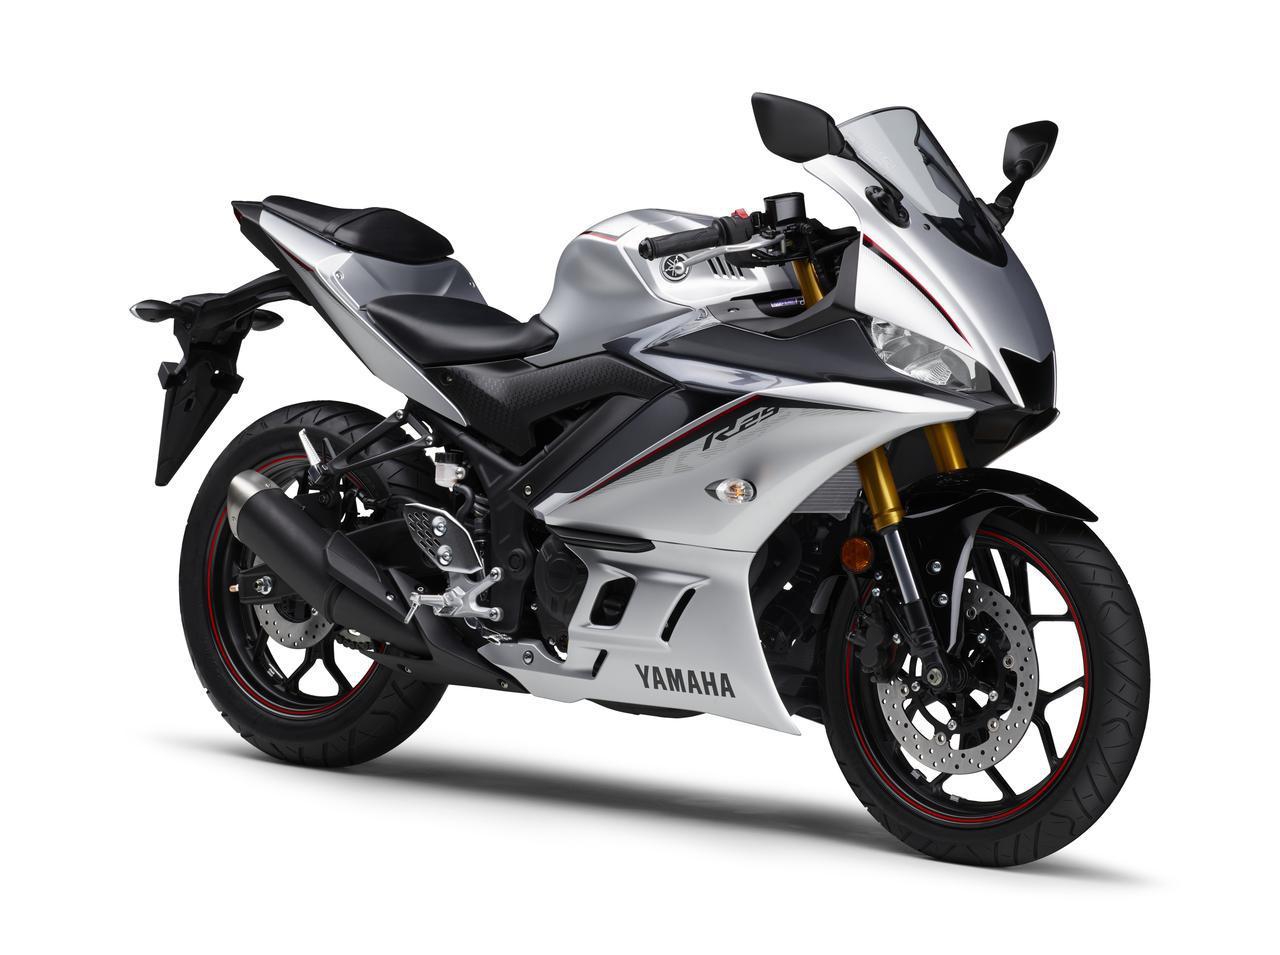 画像33: ヤマハ「YZF-R25/ABS」「YZF-R3 ABS」の2020年モデルが2月14日(金)発売! 3色展開で、すべてニューカラー!